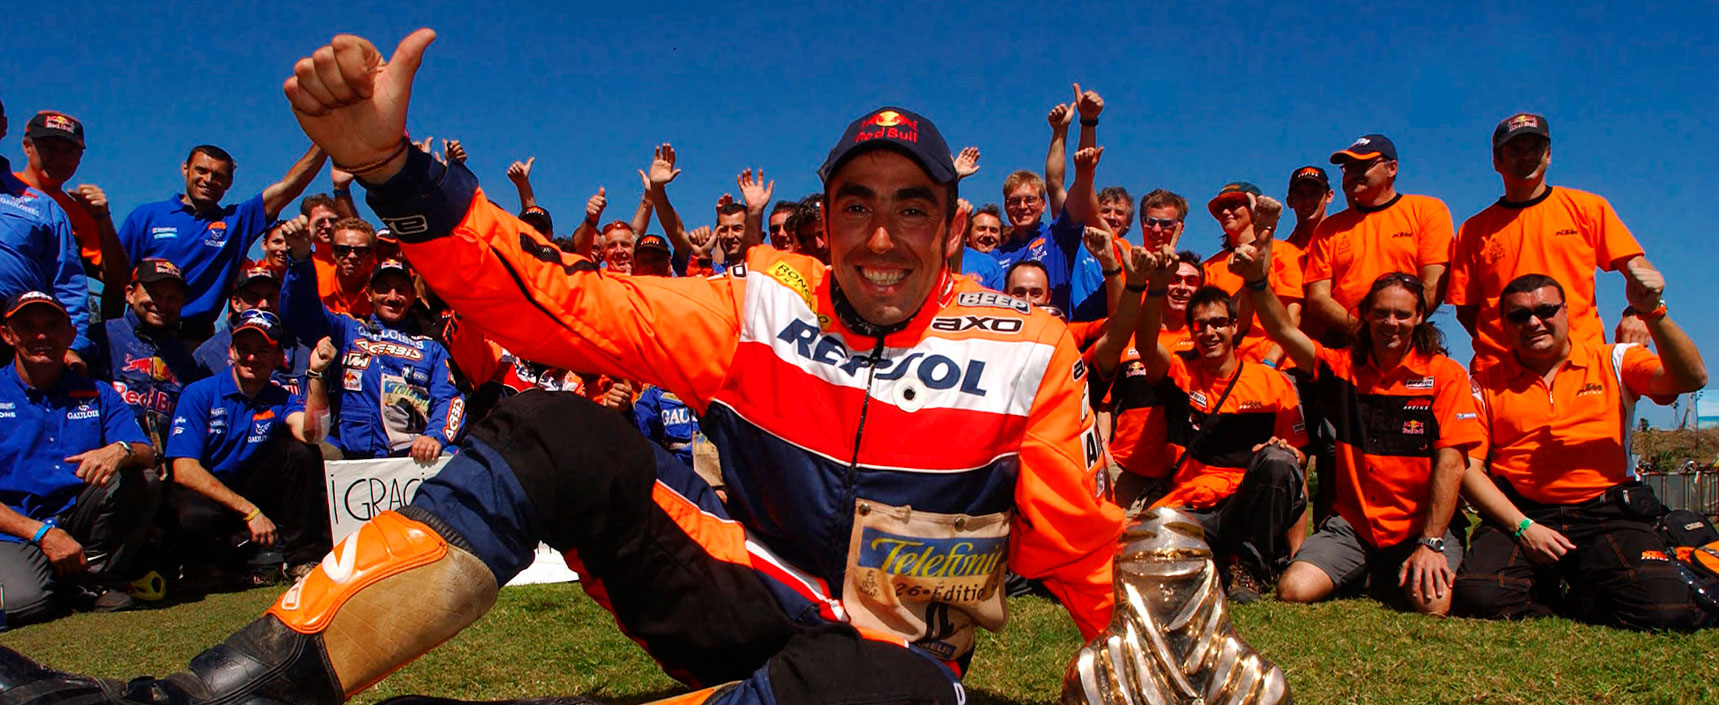 Nani Roma se convirtió ese año en el primer español en ganar el Dakar